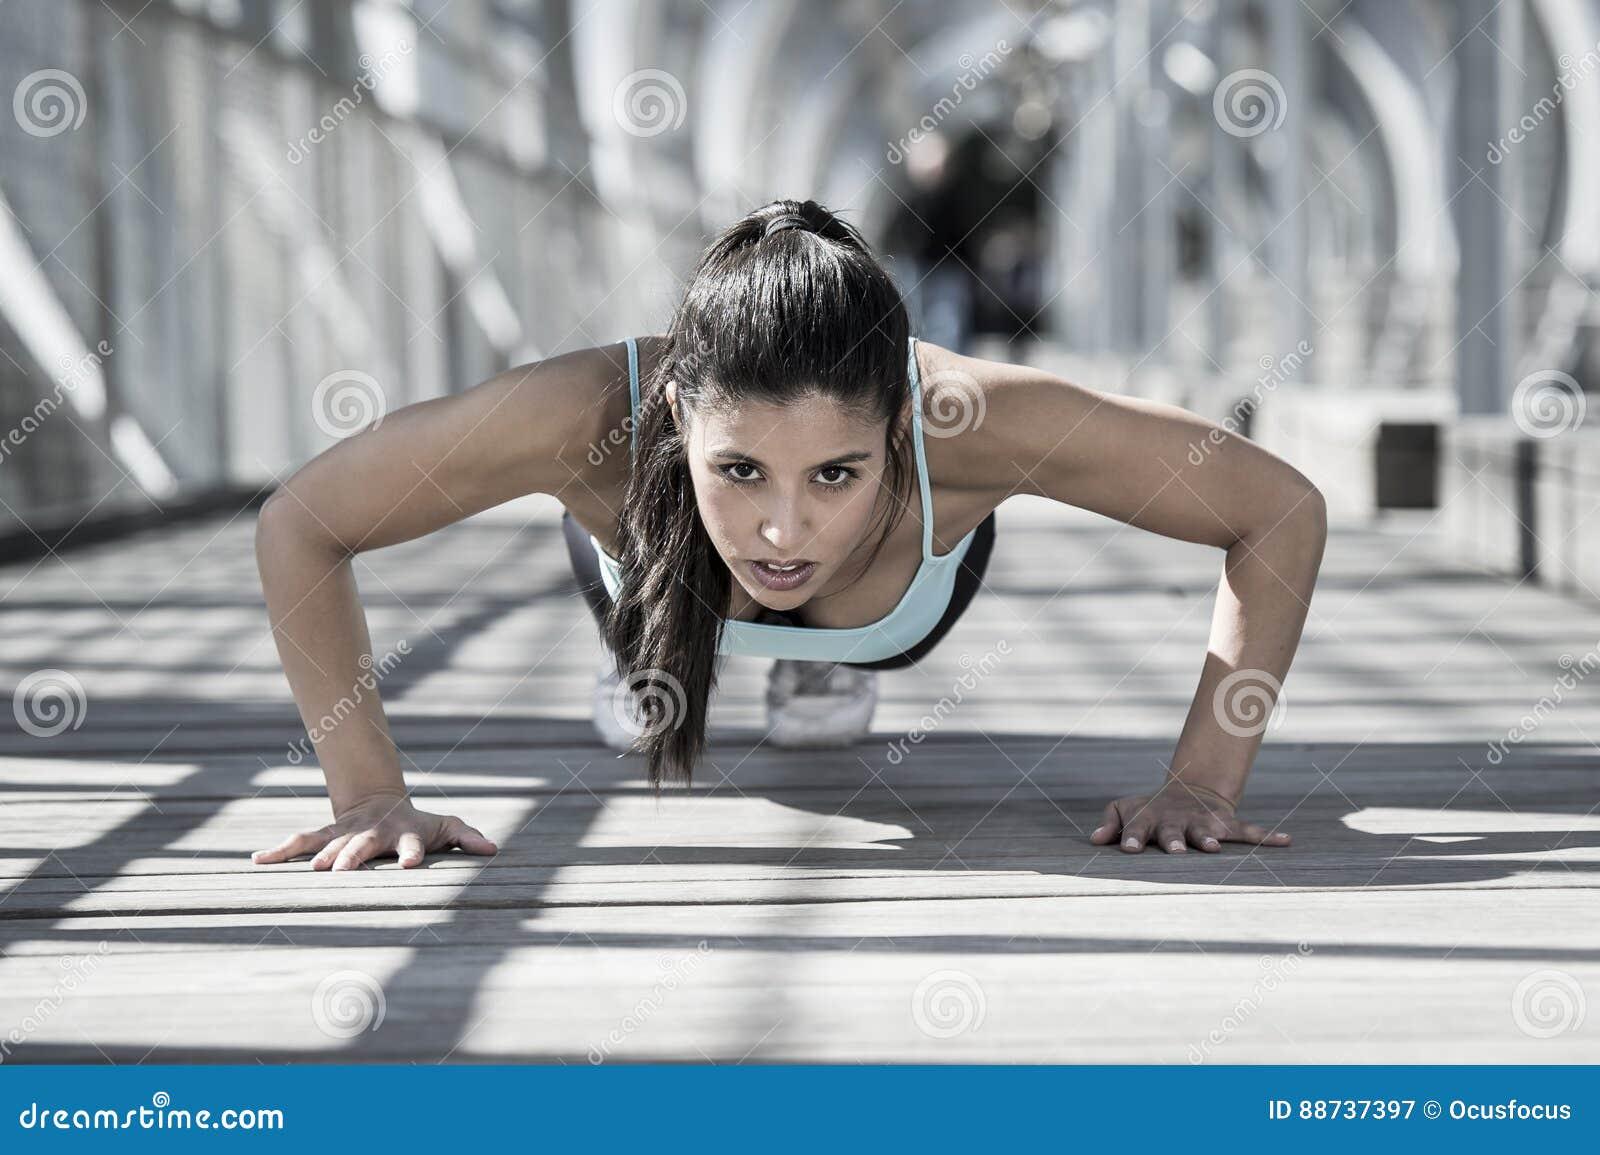 Fare della donna di sport atletico spinge verso l alto prima di correre nell allenamento urbano di addestramento